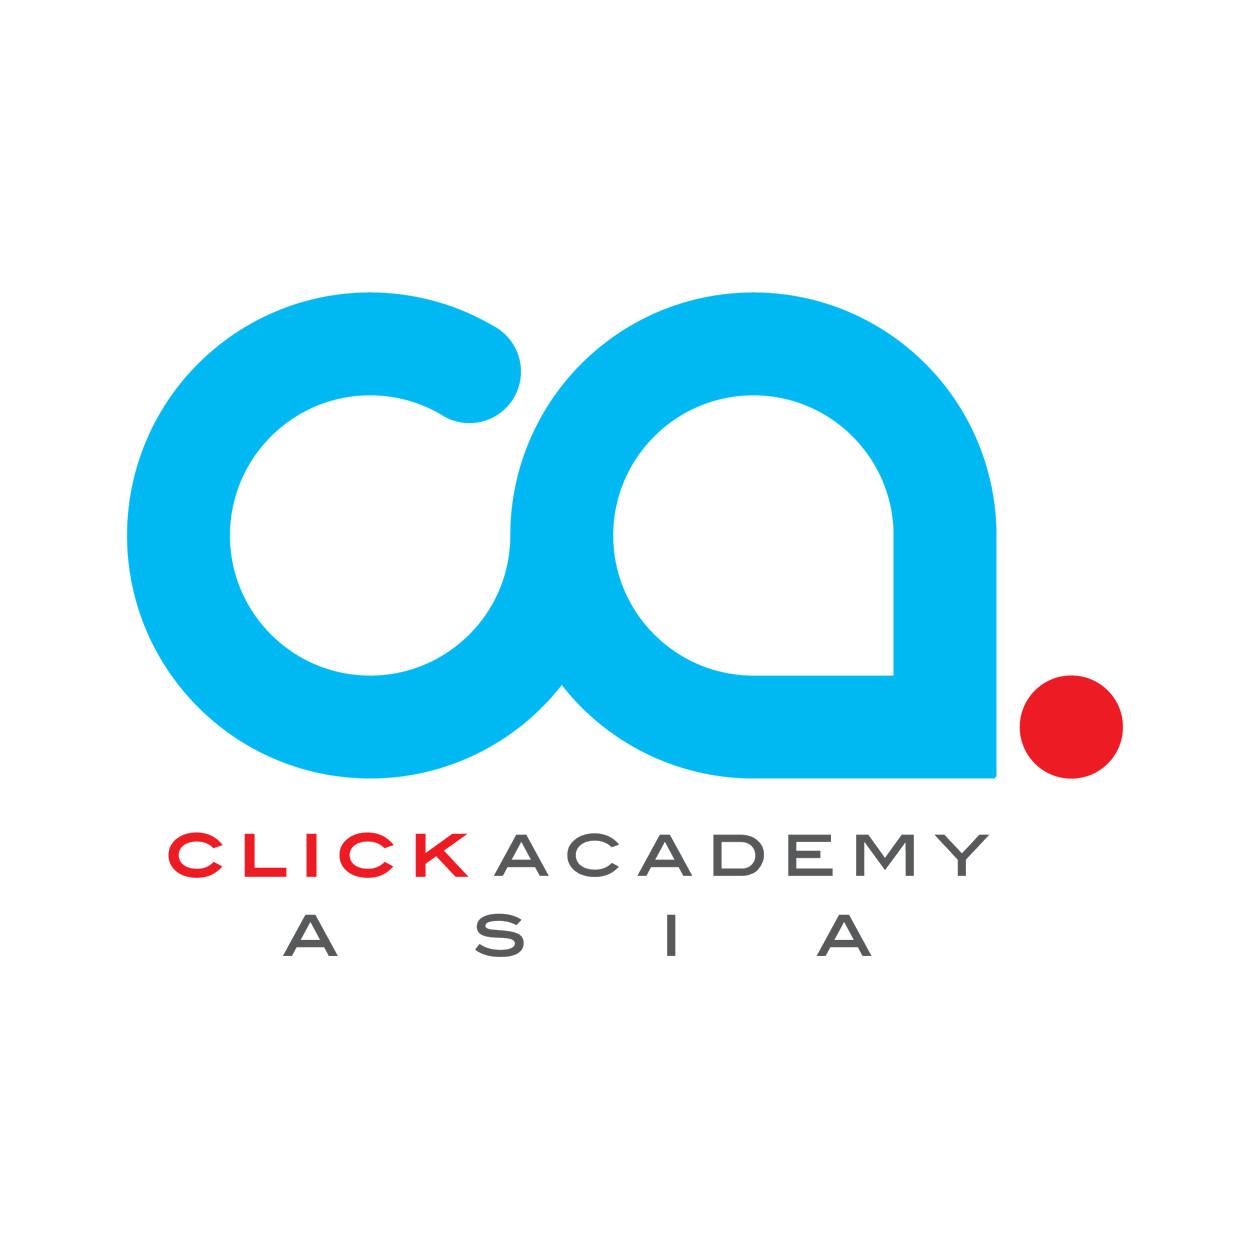 logo-clickacademy-asia